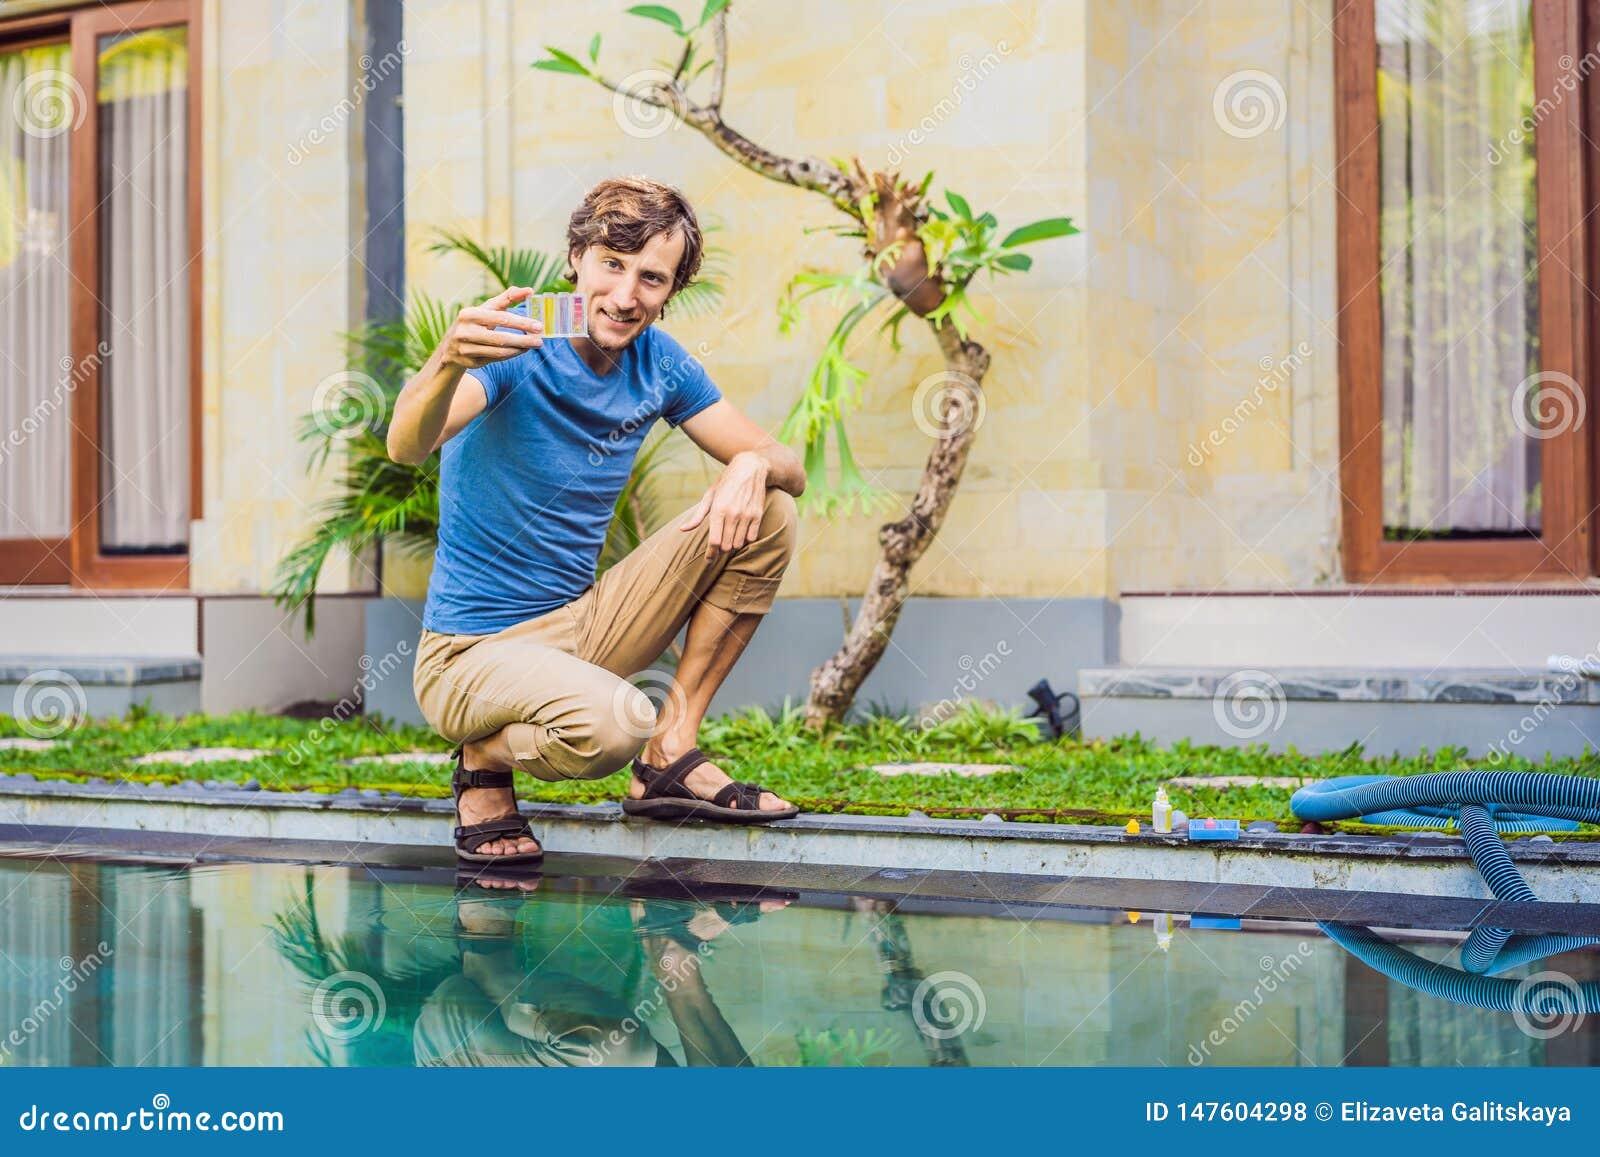 Работник бассейна проверяет бассейн для безопасности Измерение хлора и ПЭ-АШ бассейна